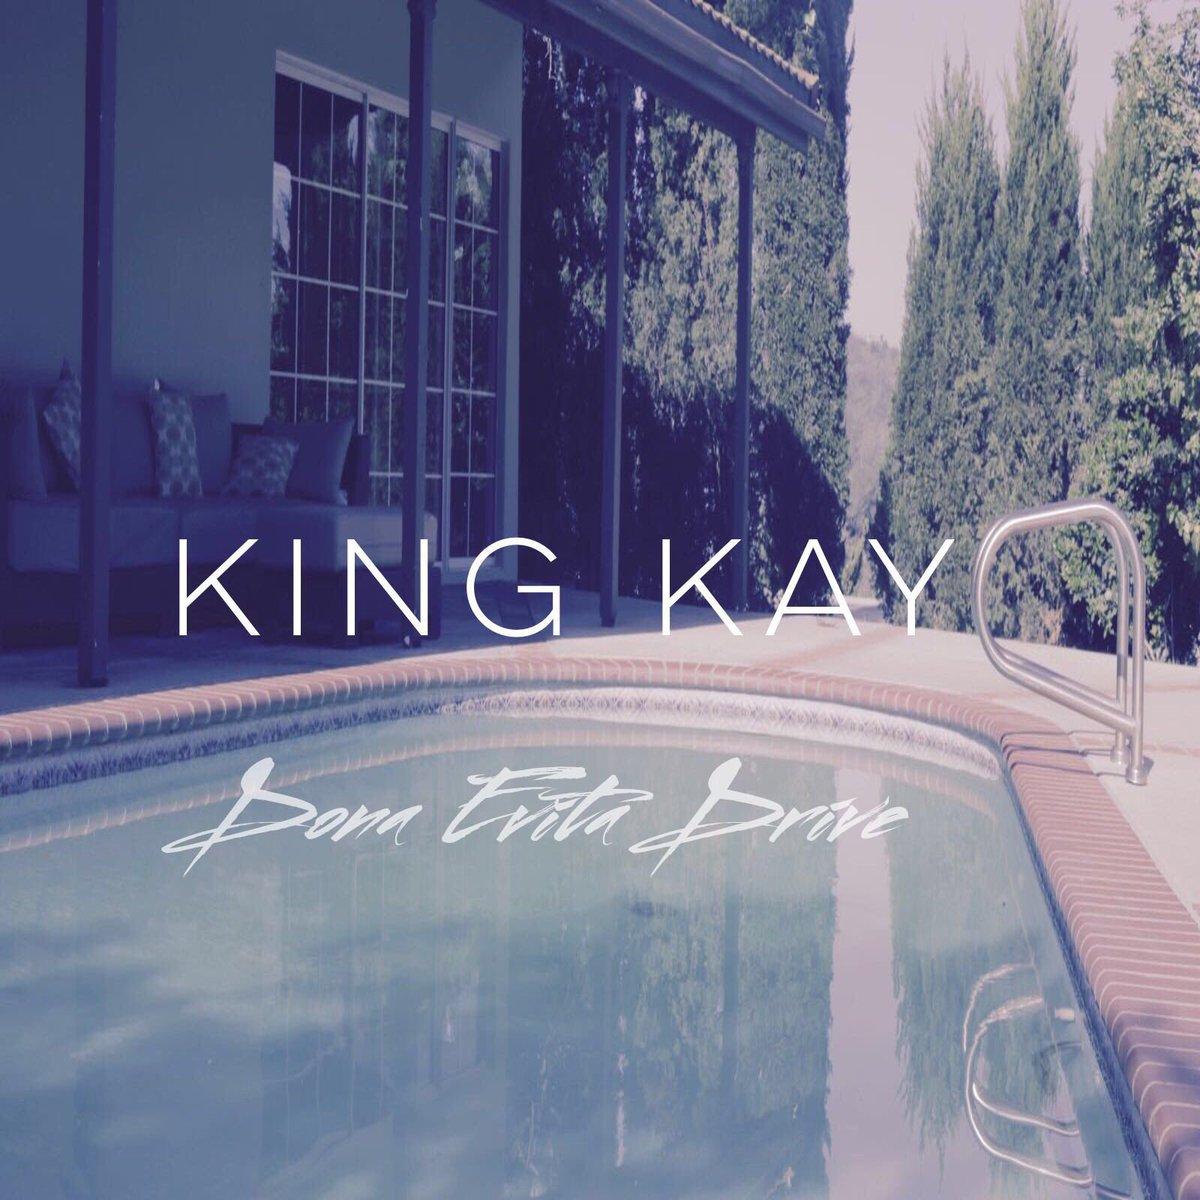 King Kay